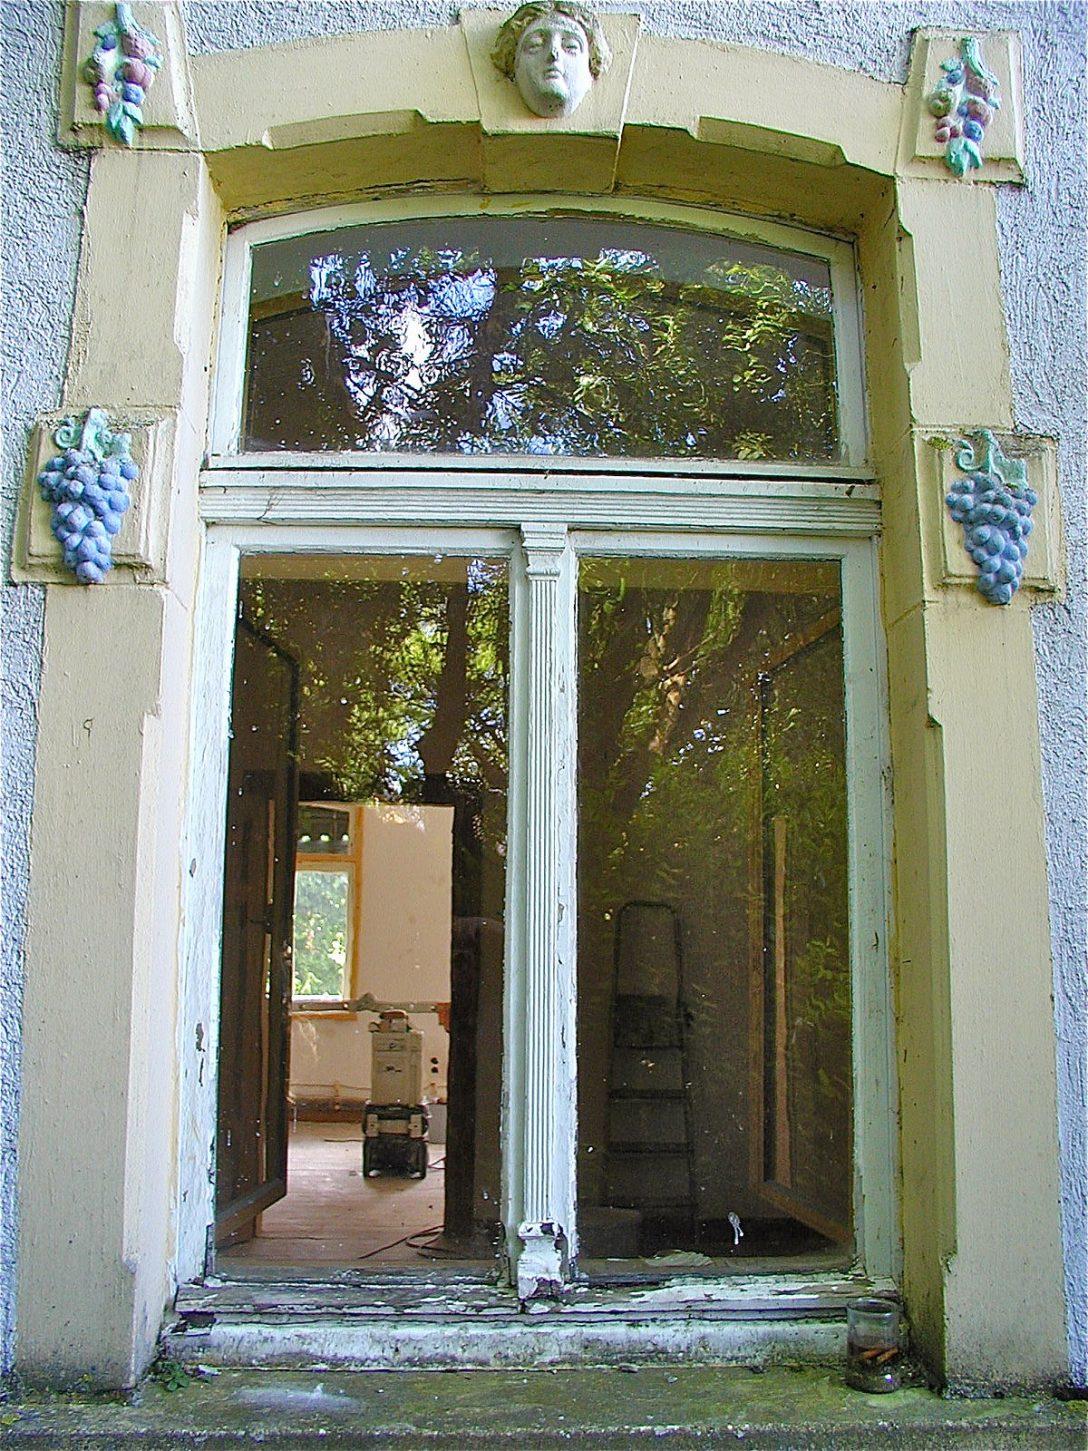 Large Size of Fenster Schallschutz Fensterinstandsetzung Wikipedia Online Konfigurator Folie Maße Roro Velux Bauhaus Preisvergleich Nachträglich Einbauen Felux Schüco Fenster Fenster Schallschutz